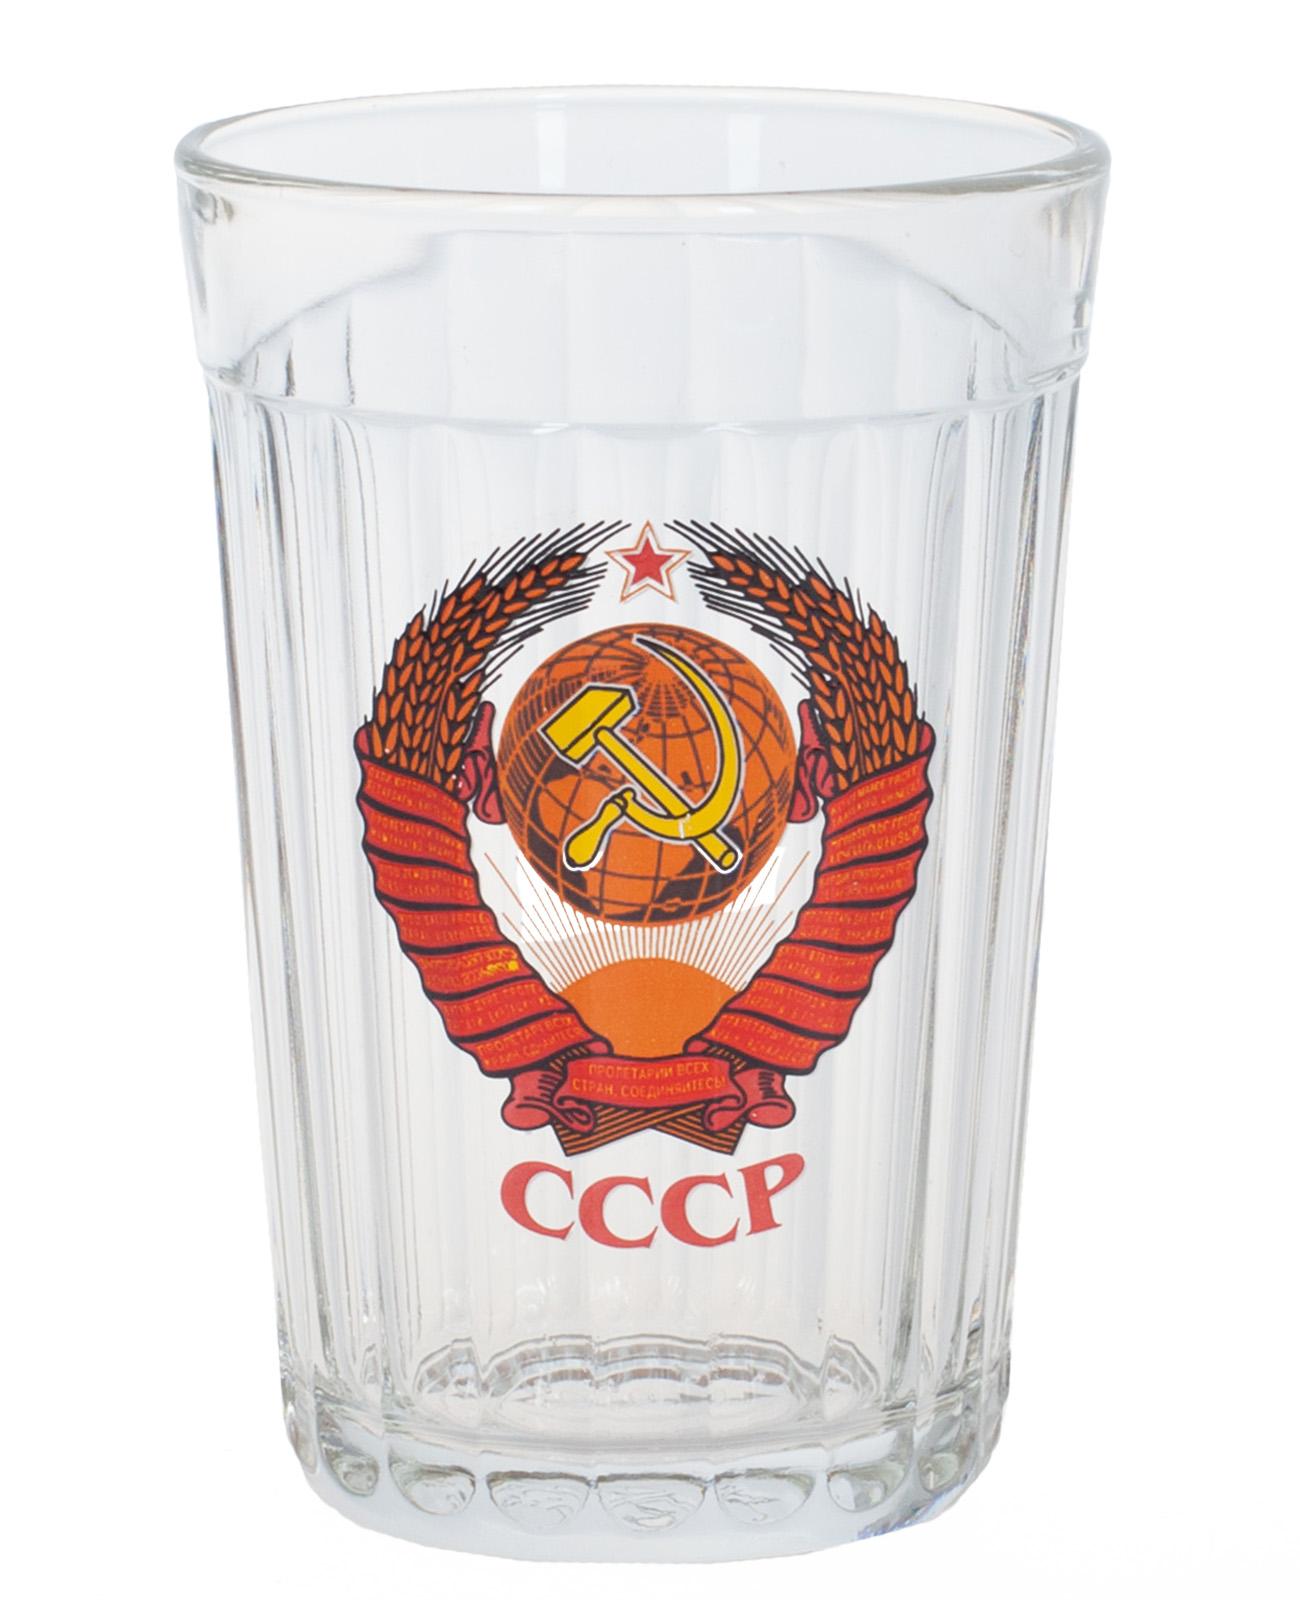 """Выгодно купить подарочный стакан """"СССР"""" в Военпро"""